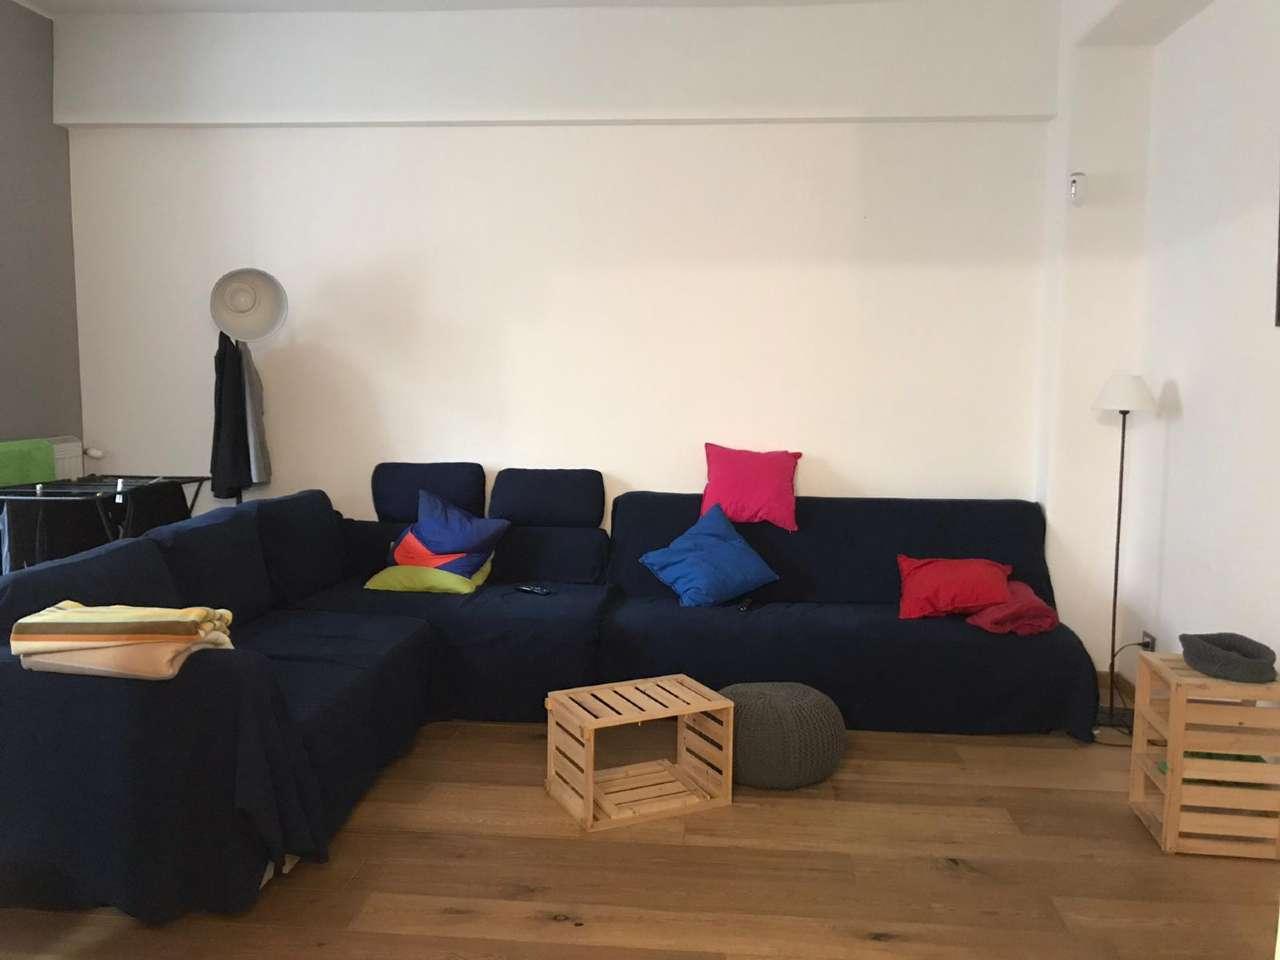 Appartamento in vendita a Roma, 3 locali, zona Zona: 3 . Trieste - Somalia - Salario, prezzo € 350.000 | CambioCasa.it